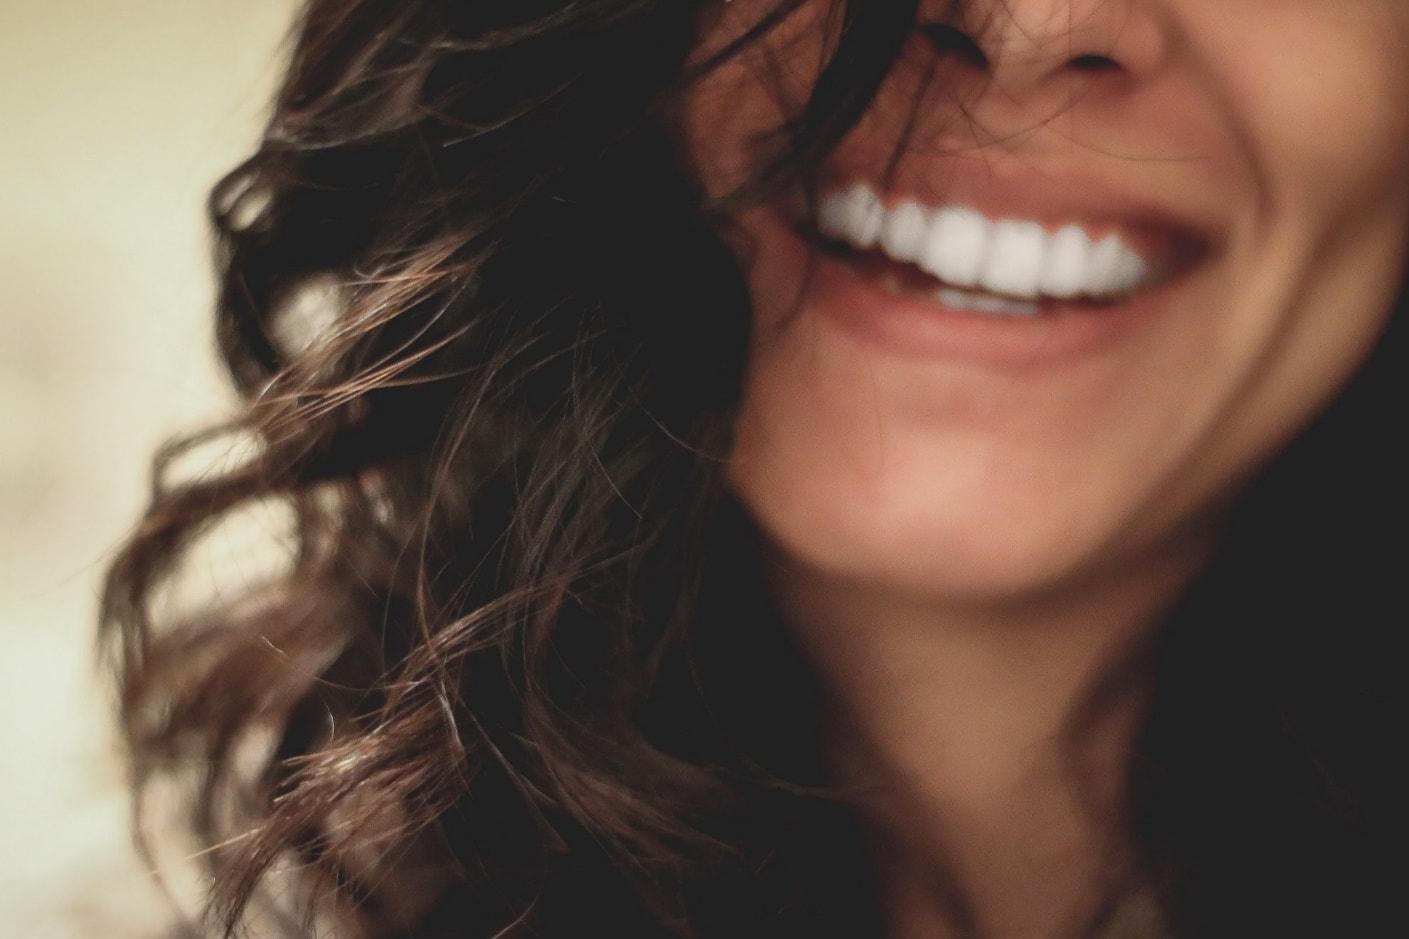 wie werde ich glücklich - authentisches Lächeln